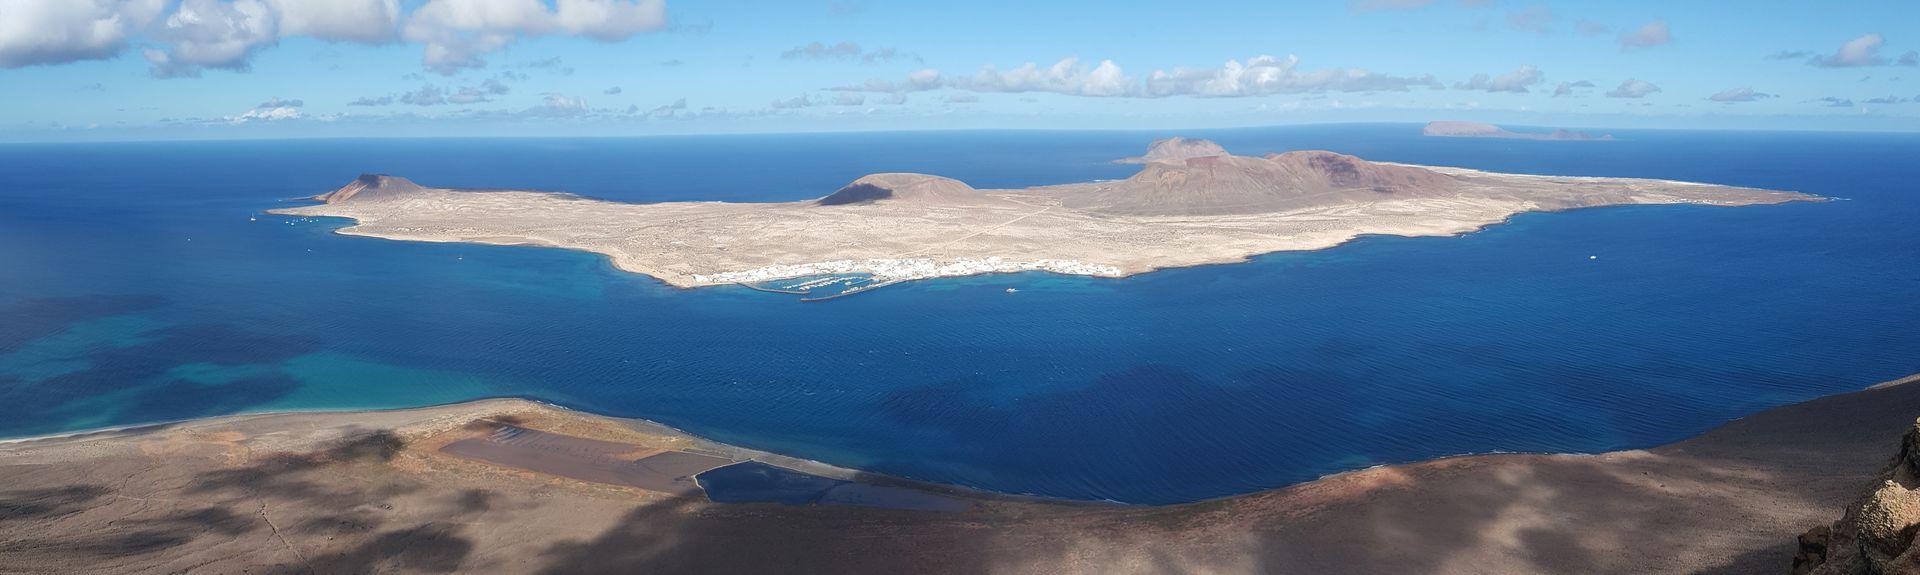 Tabayesco, Ilhas Canárias, Espanha